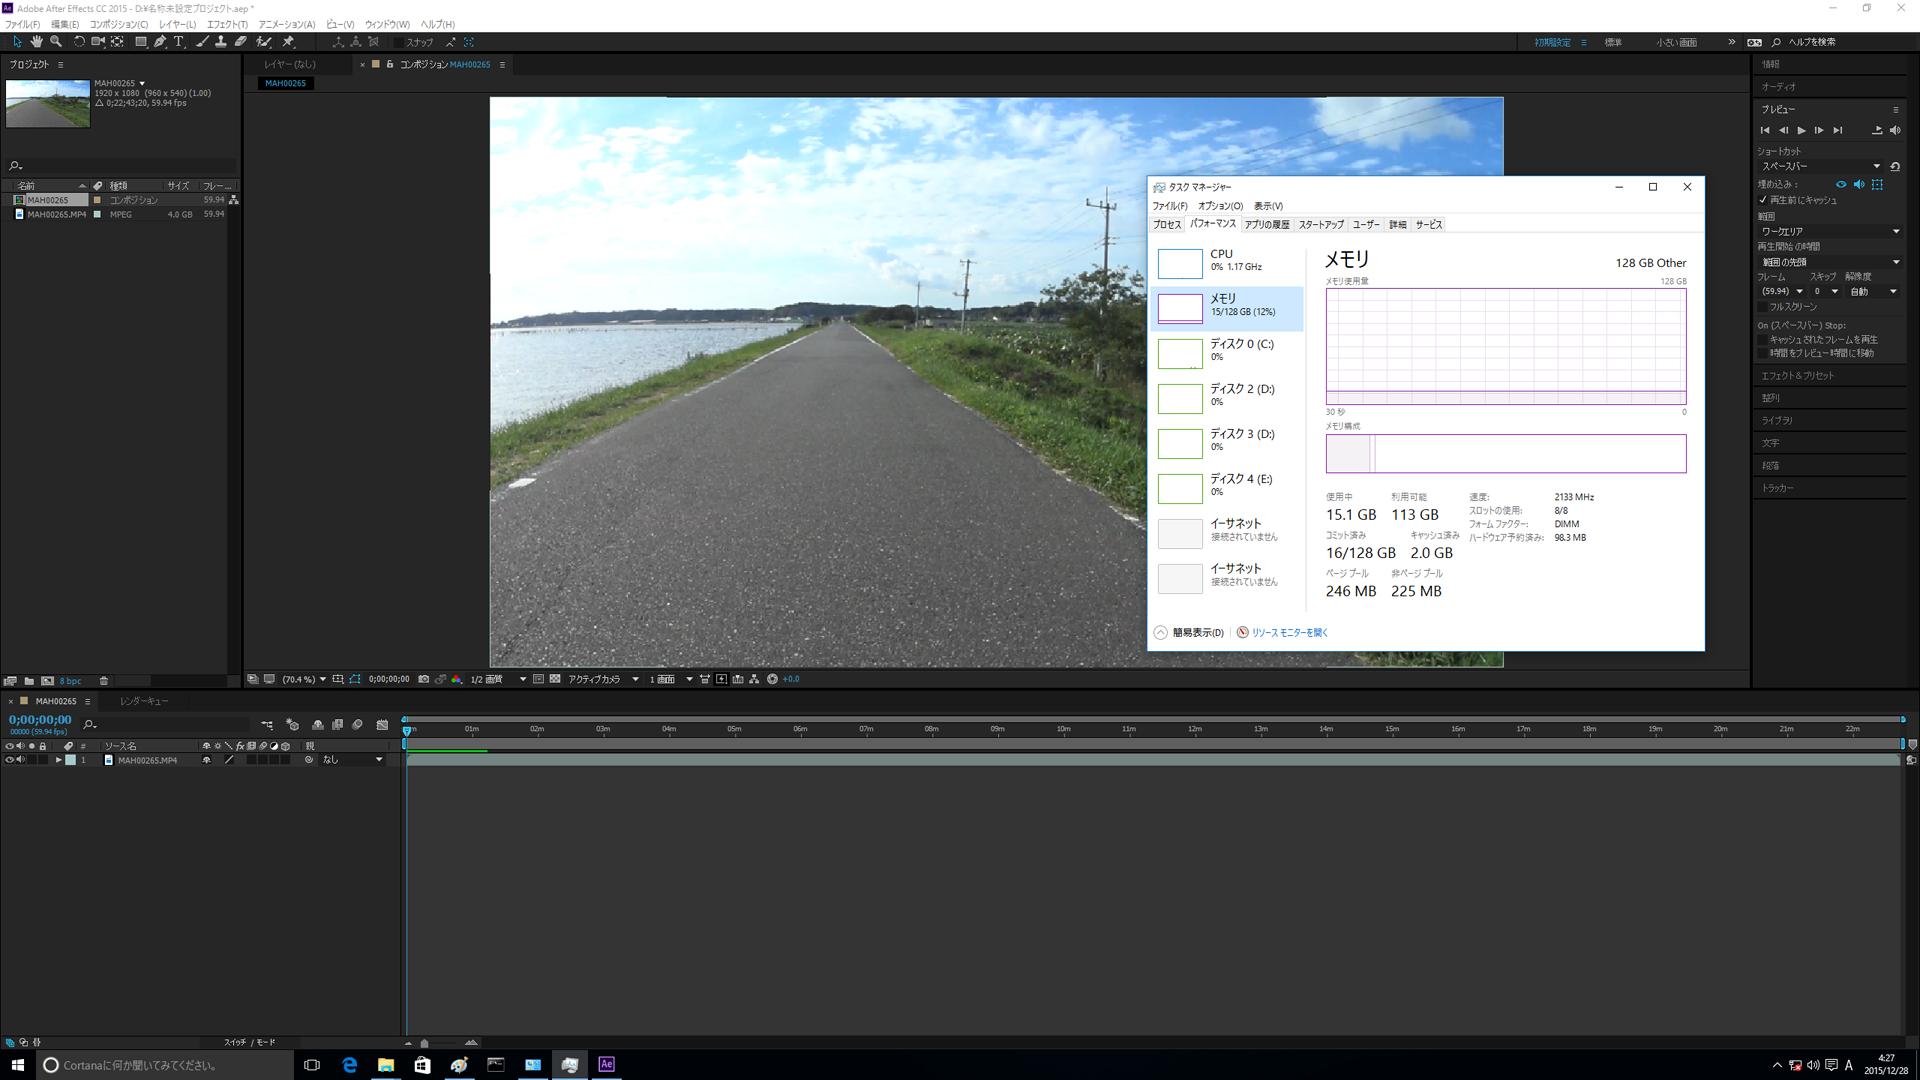 After Effectsのプレビューの画質を2分の1に落とした場合のプレビュー時間。メモリ領域100GB時で8分43秒、16GB時で1分13秒。設定を2分の1よりも落とすと画質的に厳しくなるが、2分の1程度であれば許容できる範囲だろう。